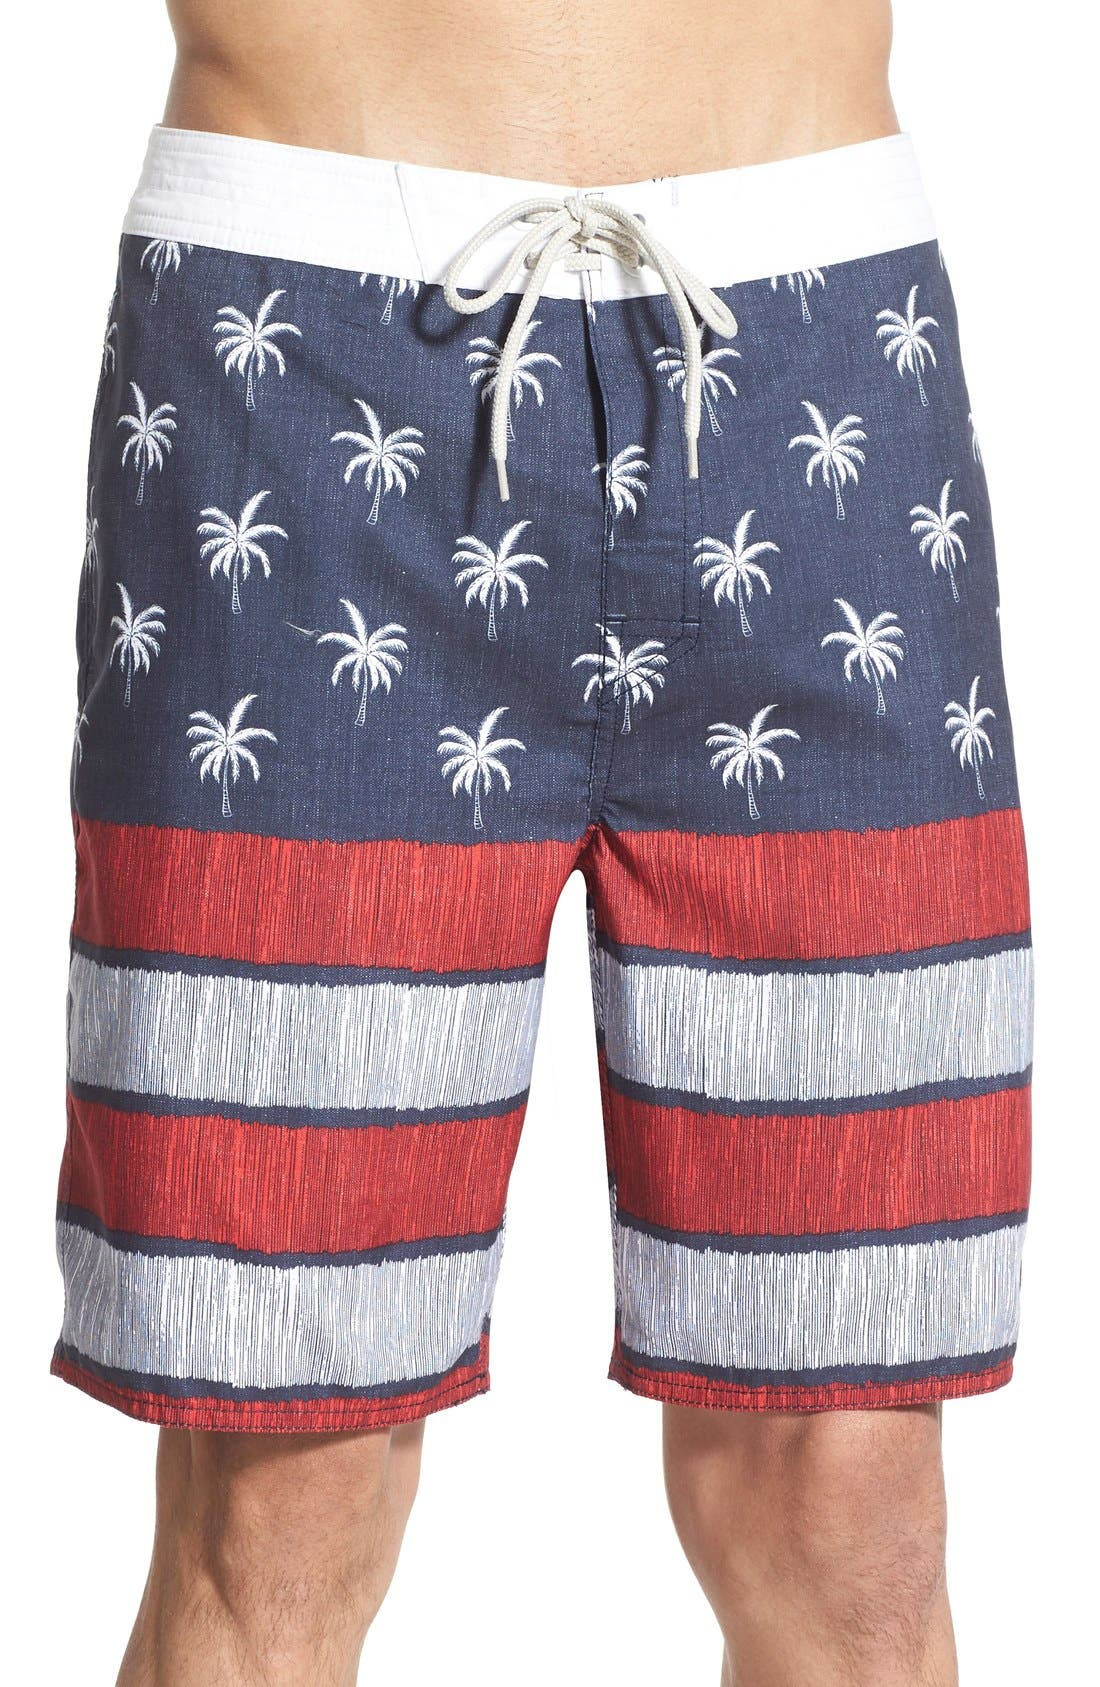 'Independence' Board Shorts,                             Main thumbnail 1, color,                             410